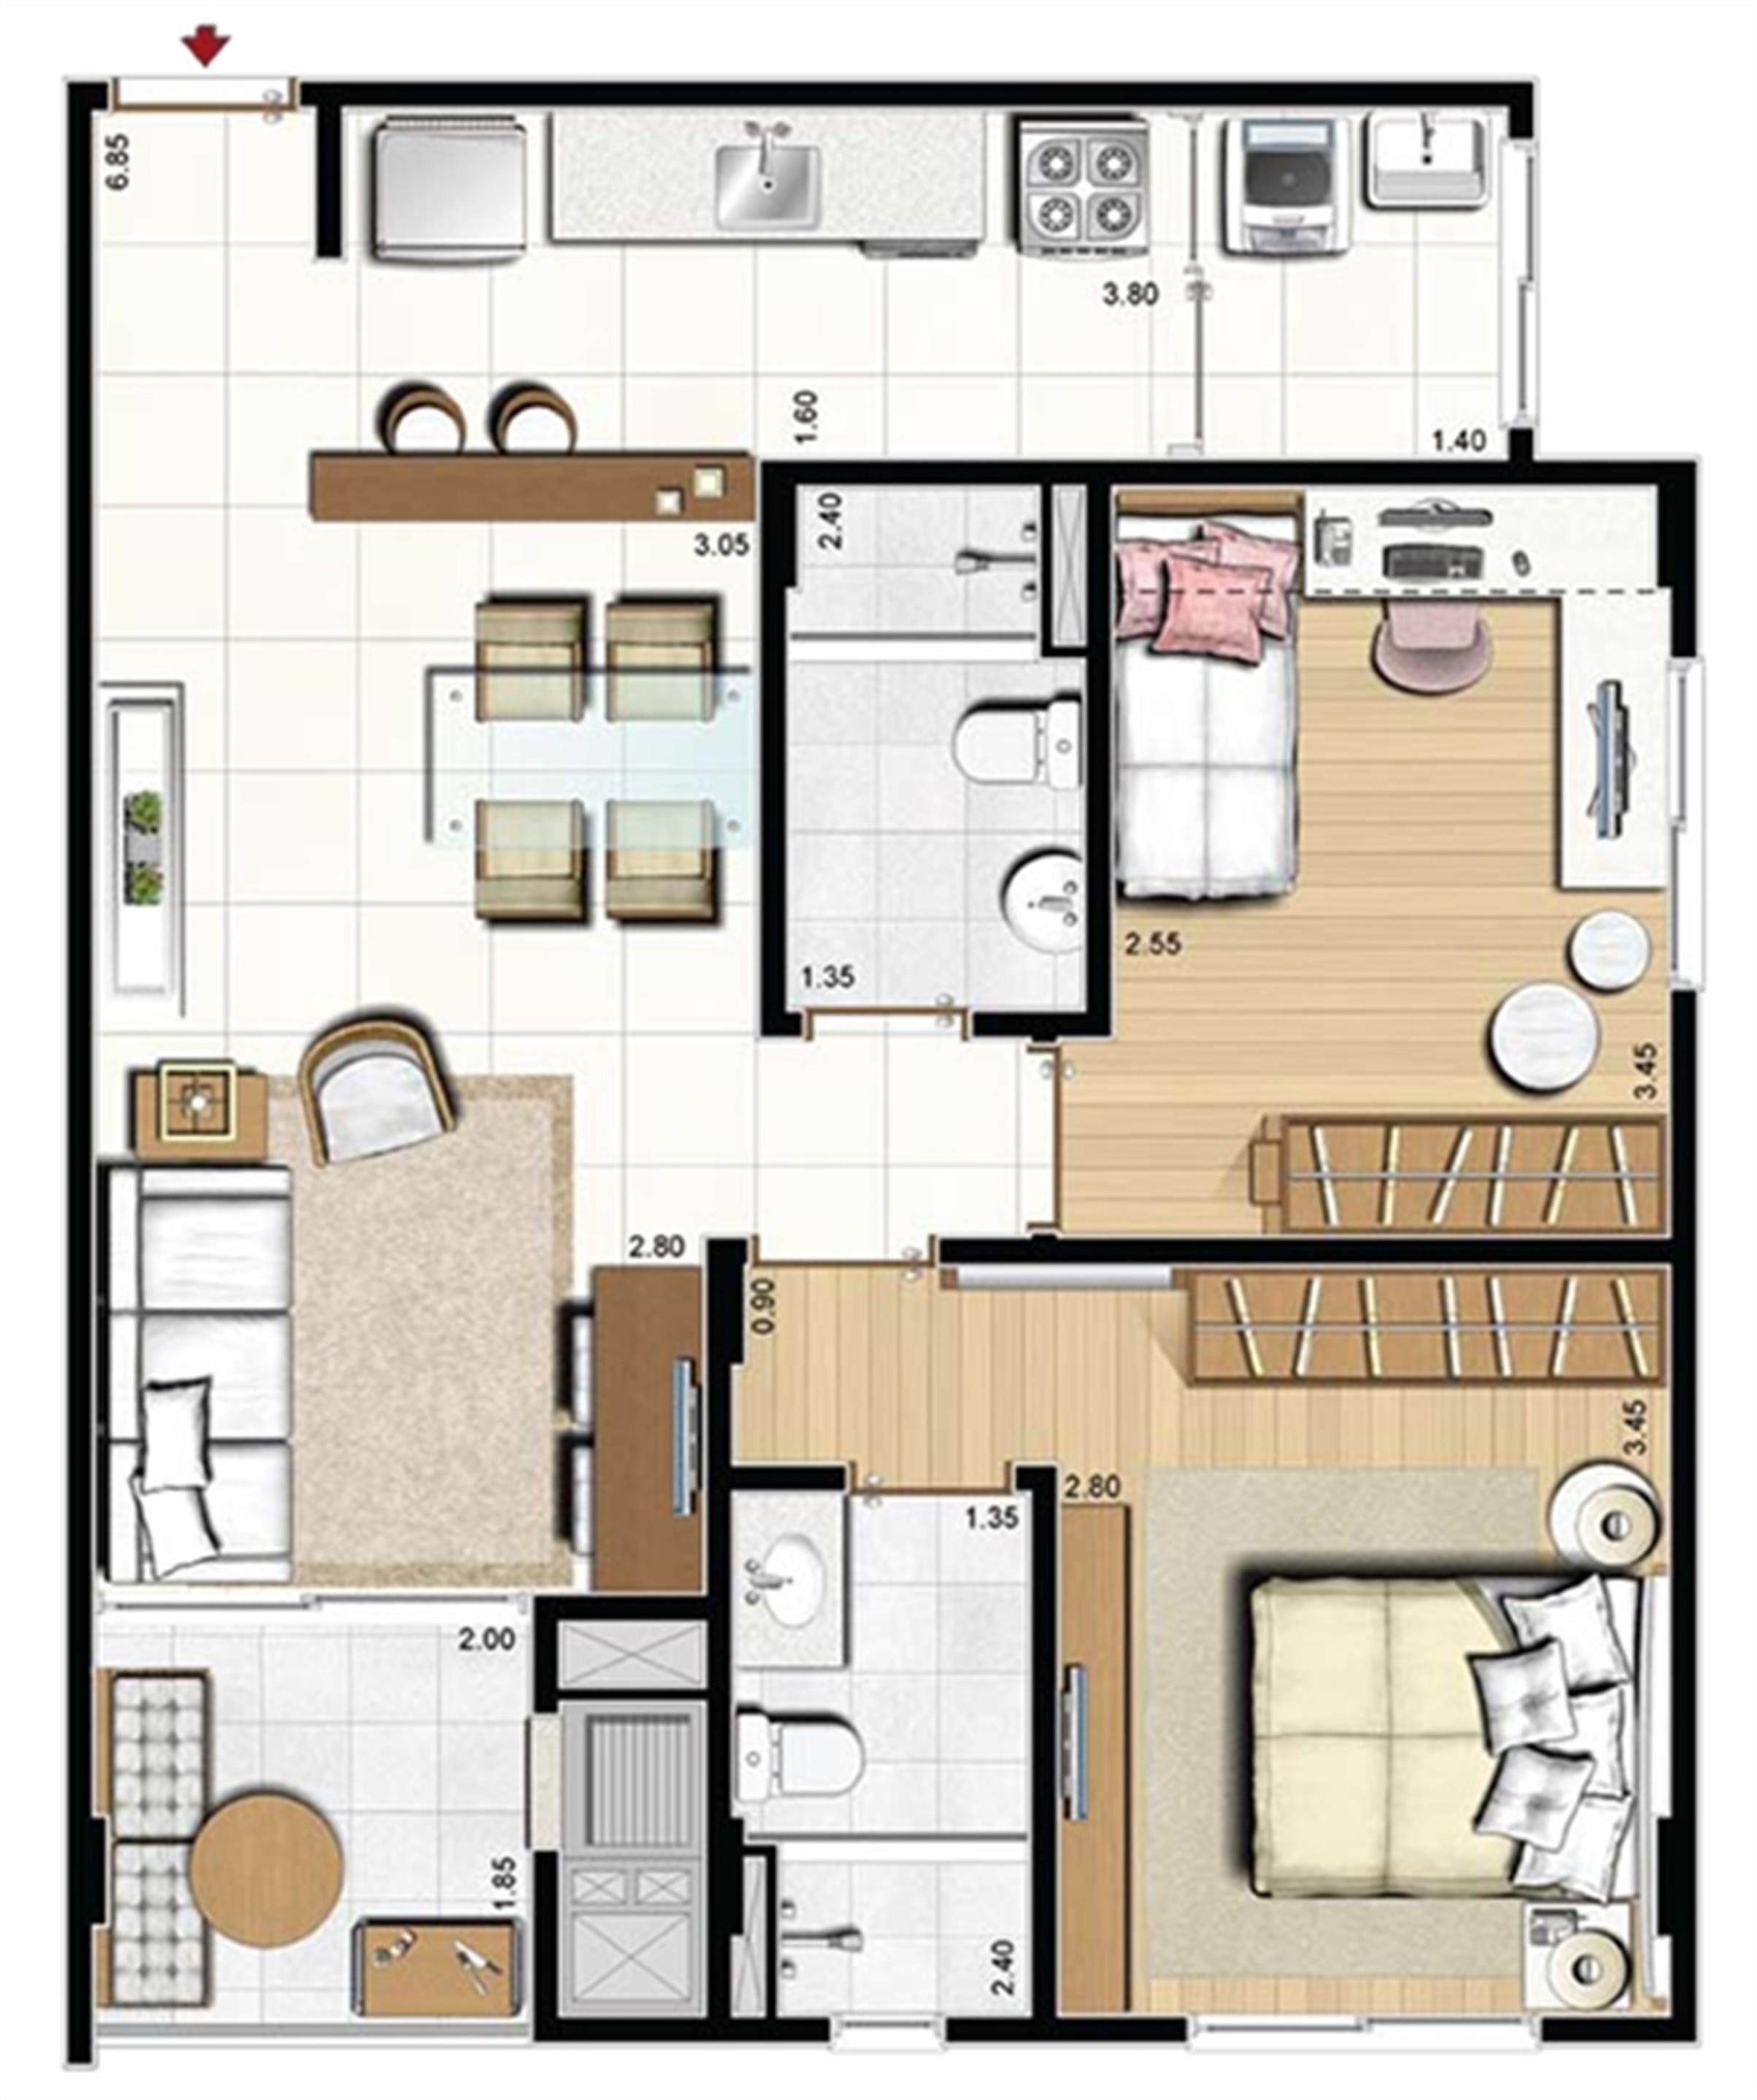 Opção living estendido - 66 m² privativos - Torre Mirante | Cennario Santa Catarina – Apartamento na  Praia Comprida - São José - Santa Catarina